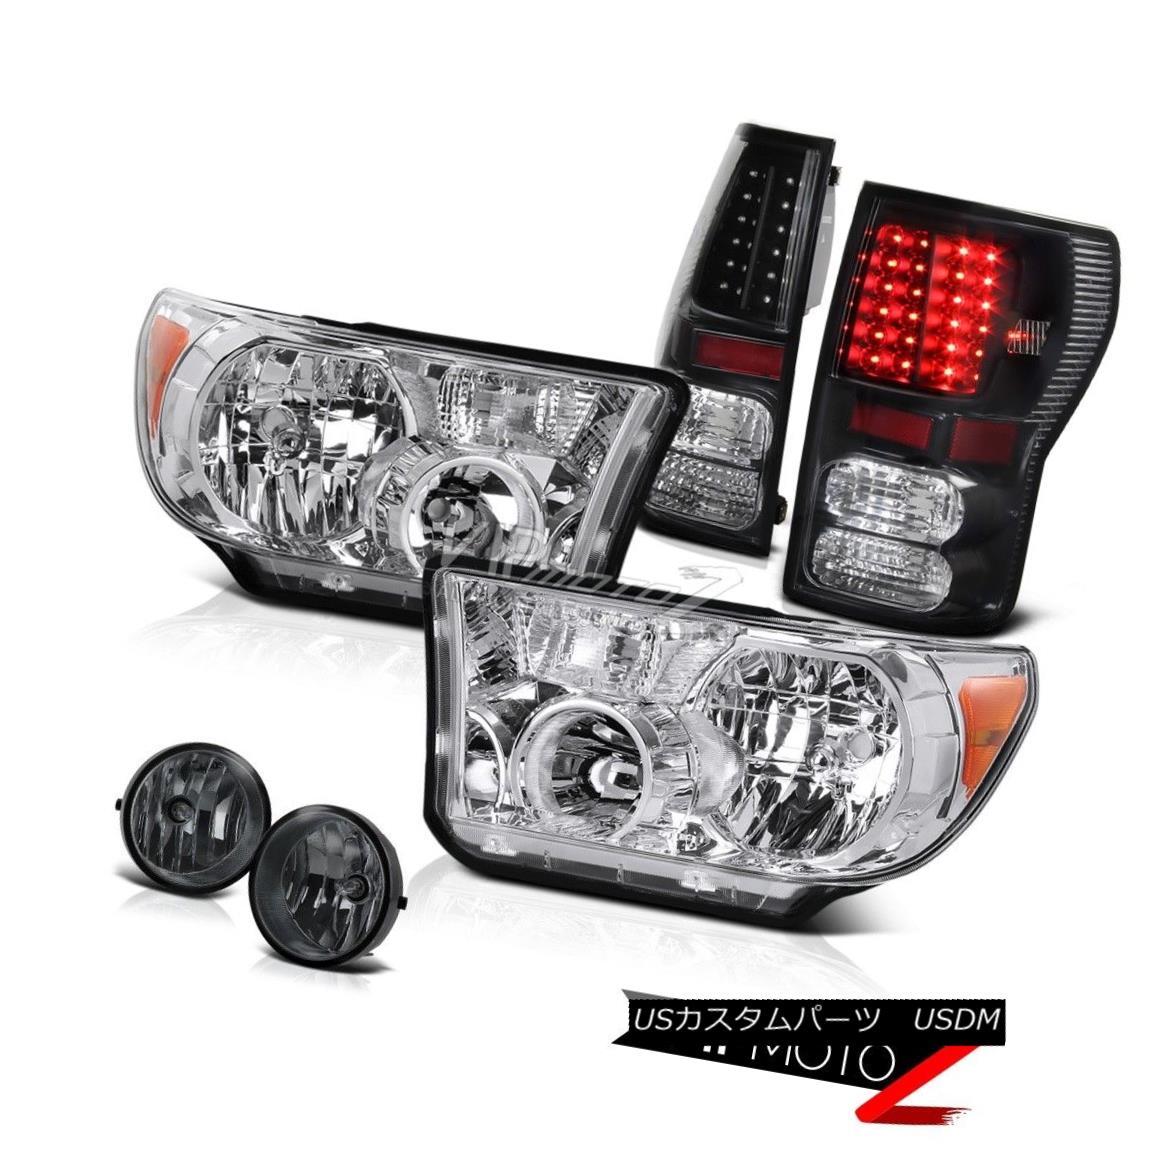 ヘッドライト Crystal L+R Replacement Headlamp+Led Tail Light+Fog Lamp Tundra 07-13 クリスタルL + R交換ヘッドランプ+ Ledテールライト+フォグランプTundra 07-13